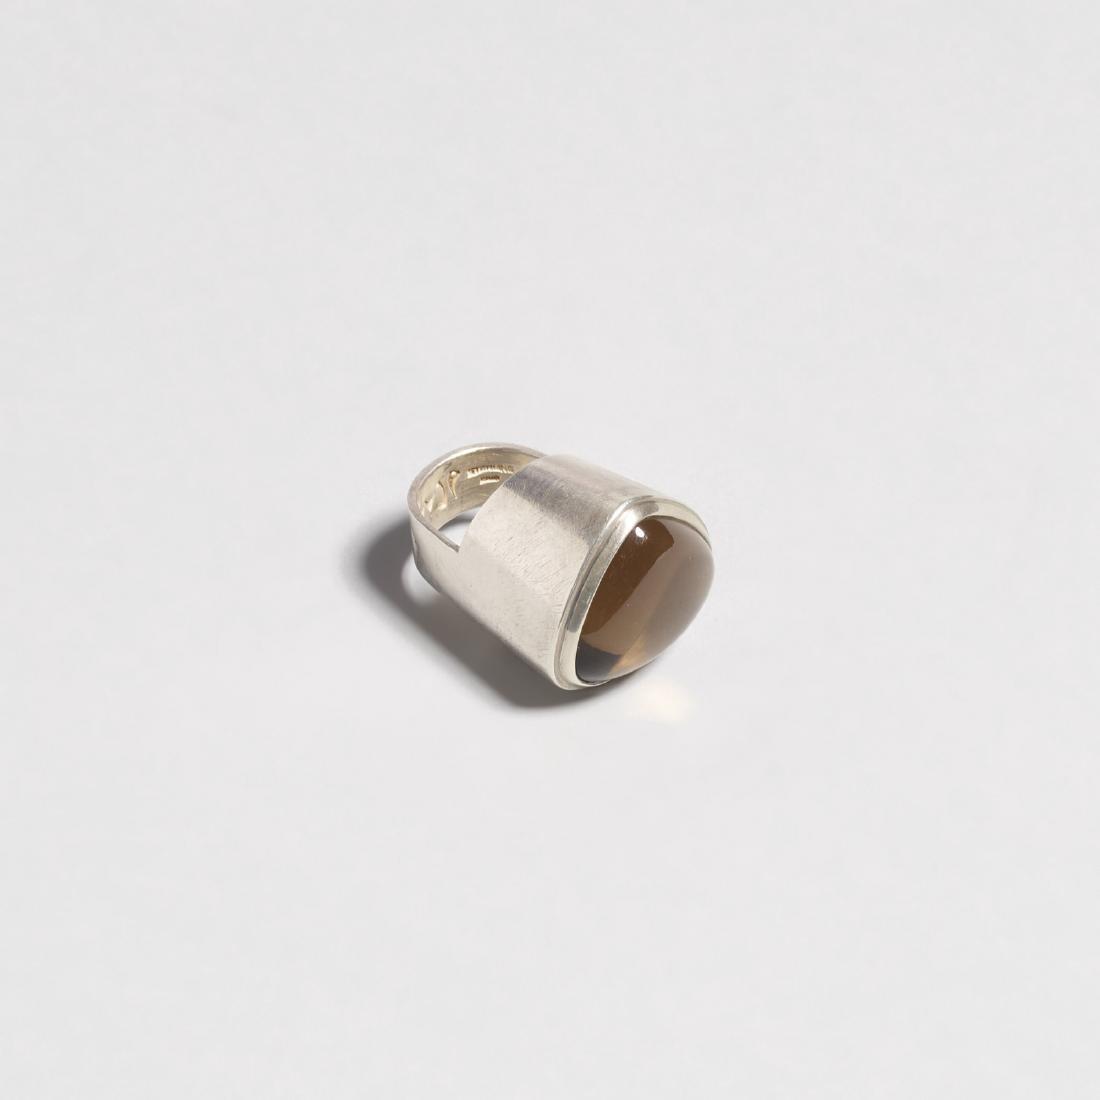 John Prip, ring - 2